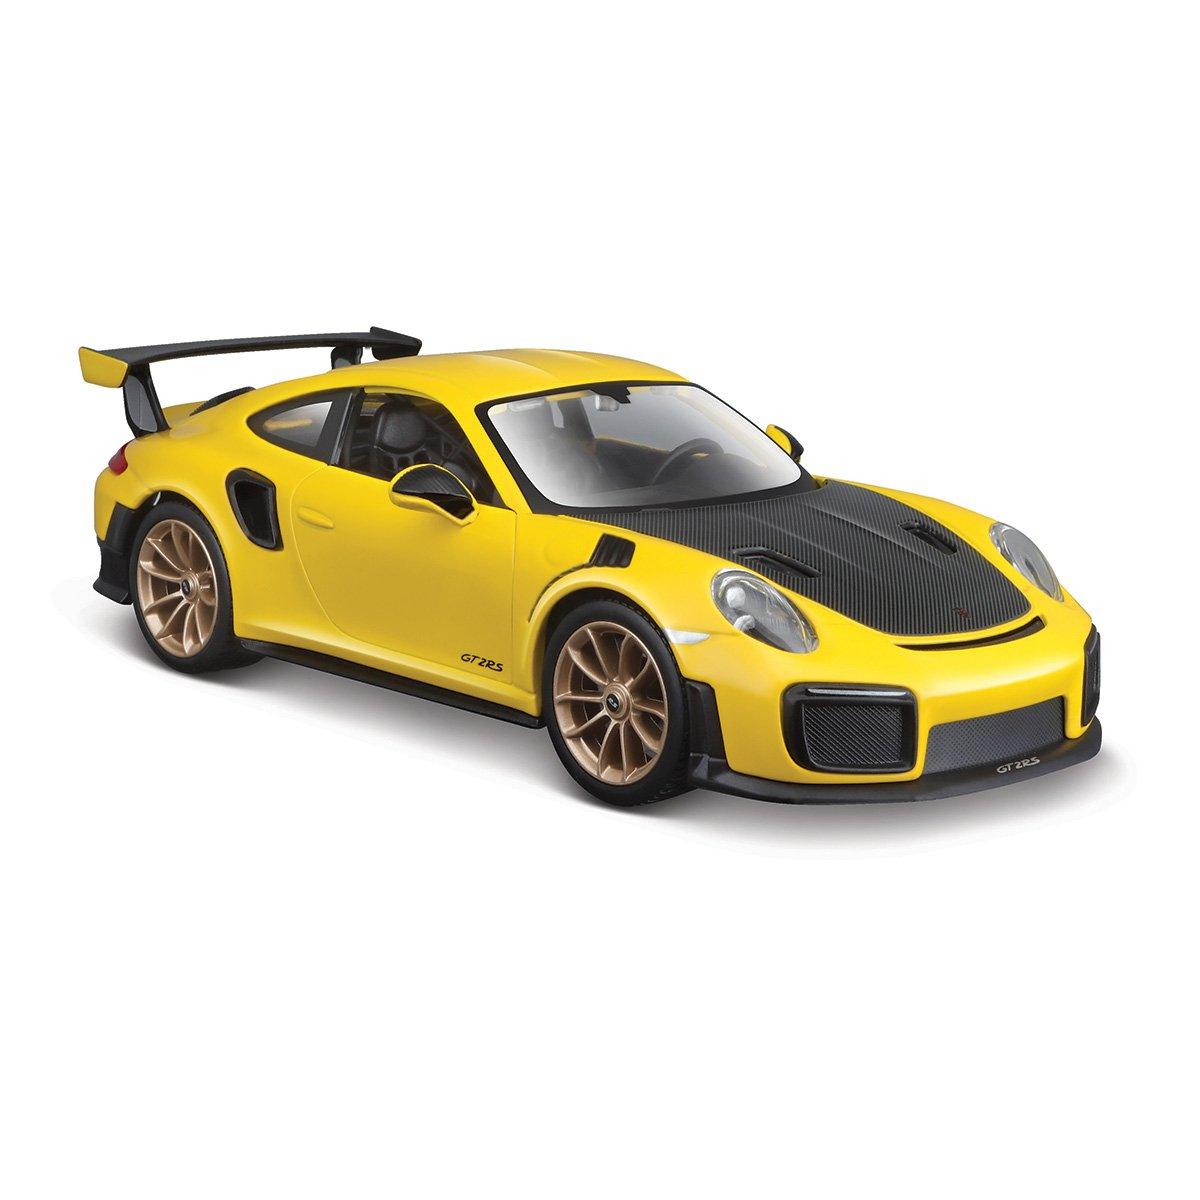 Masinuta Maisto Porsche 911 GT2 RS. 1:24. Galben